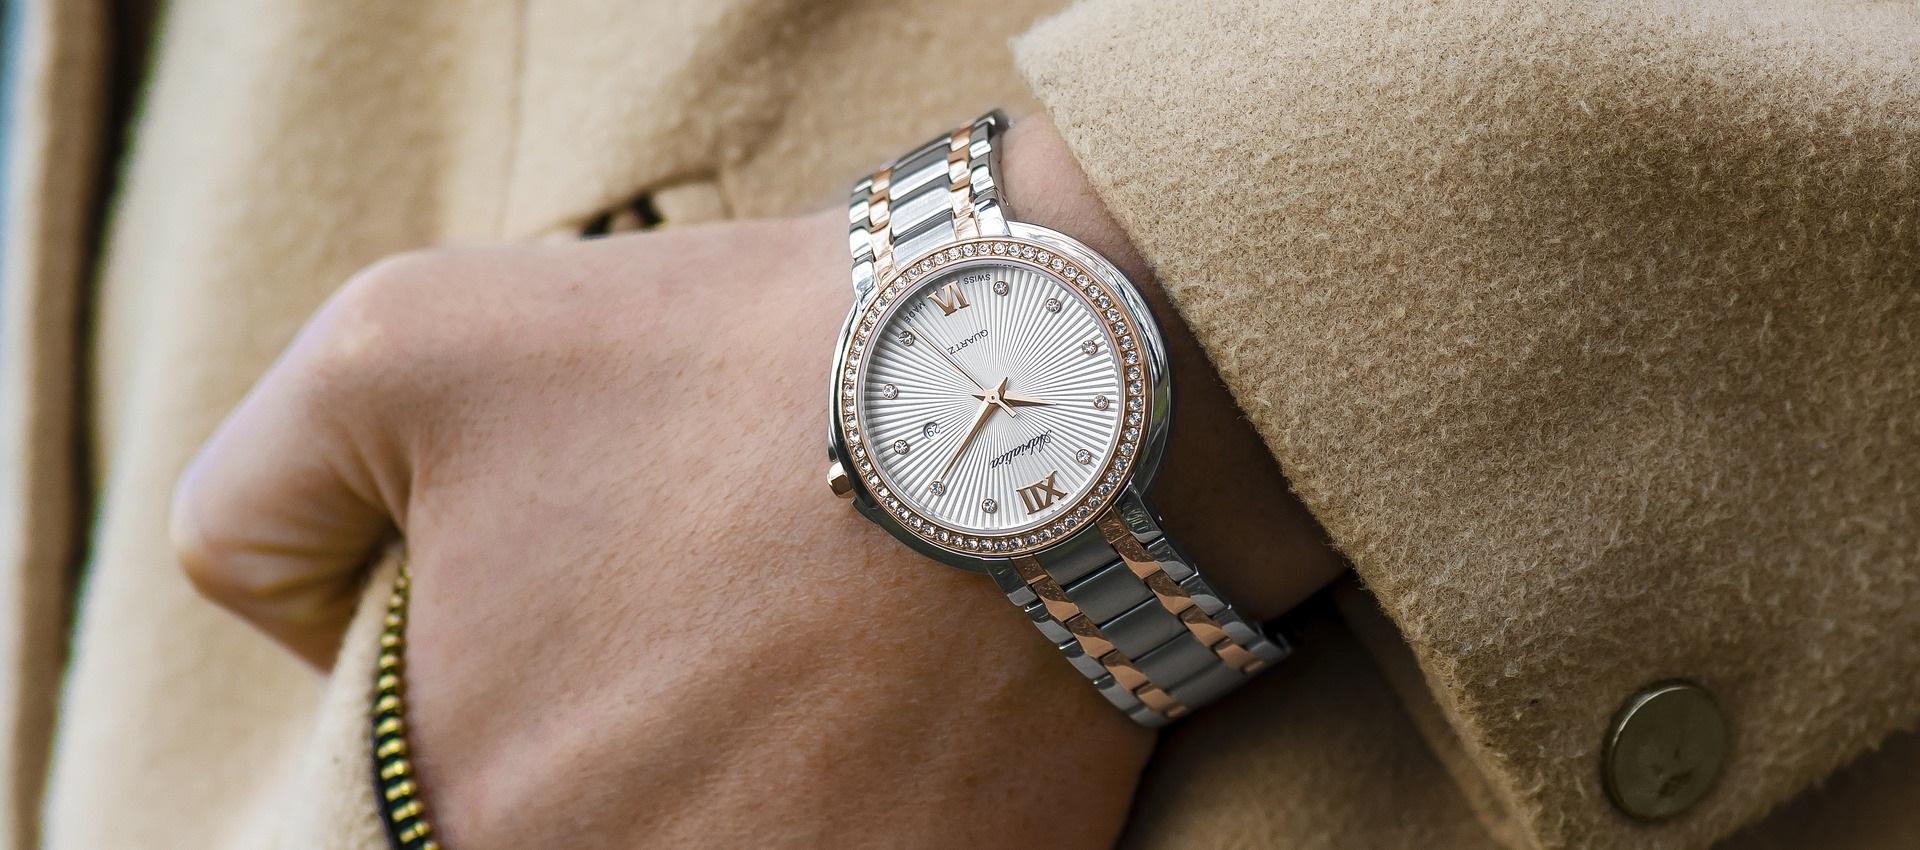 Verras moeder voor Moederdag met een mooi horloge